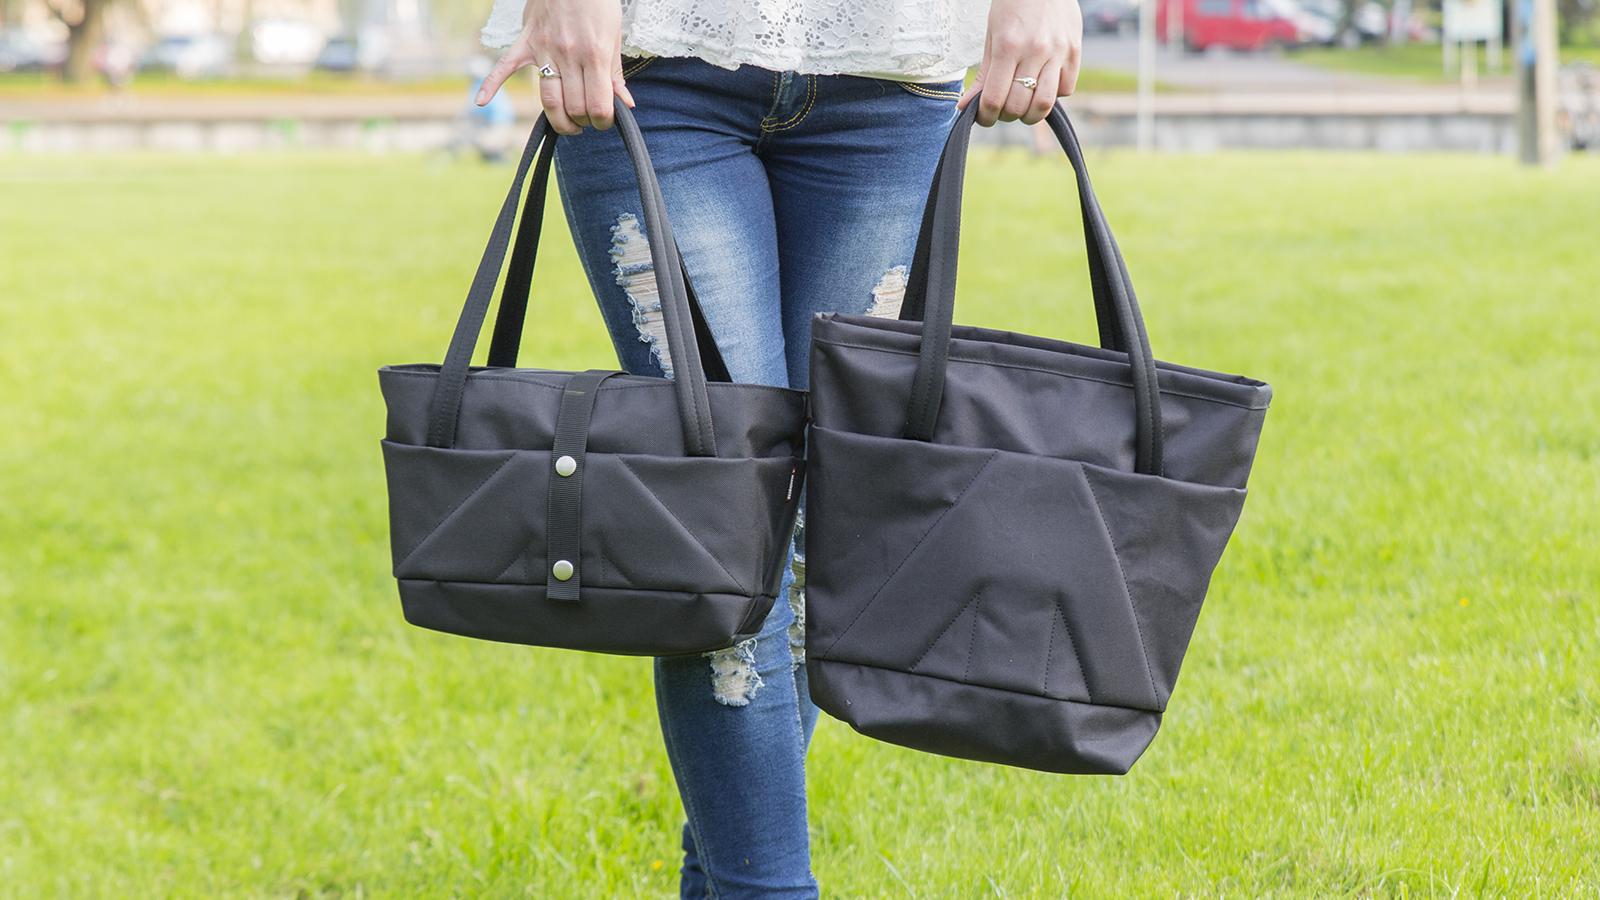 Mõlemad kotid on tegelikult täitsa mõistlikus mõõdus.